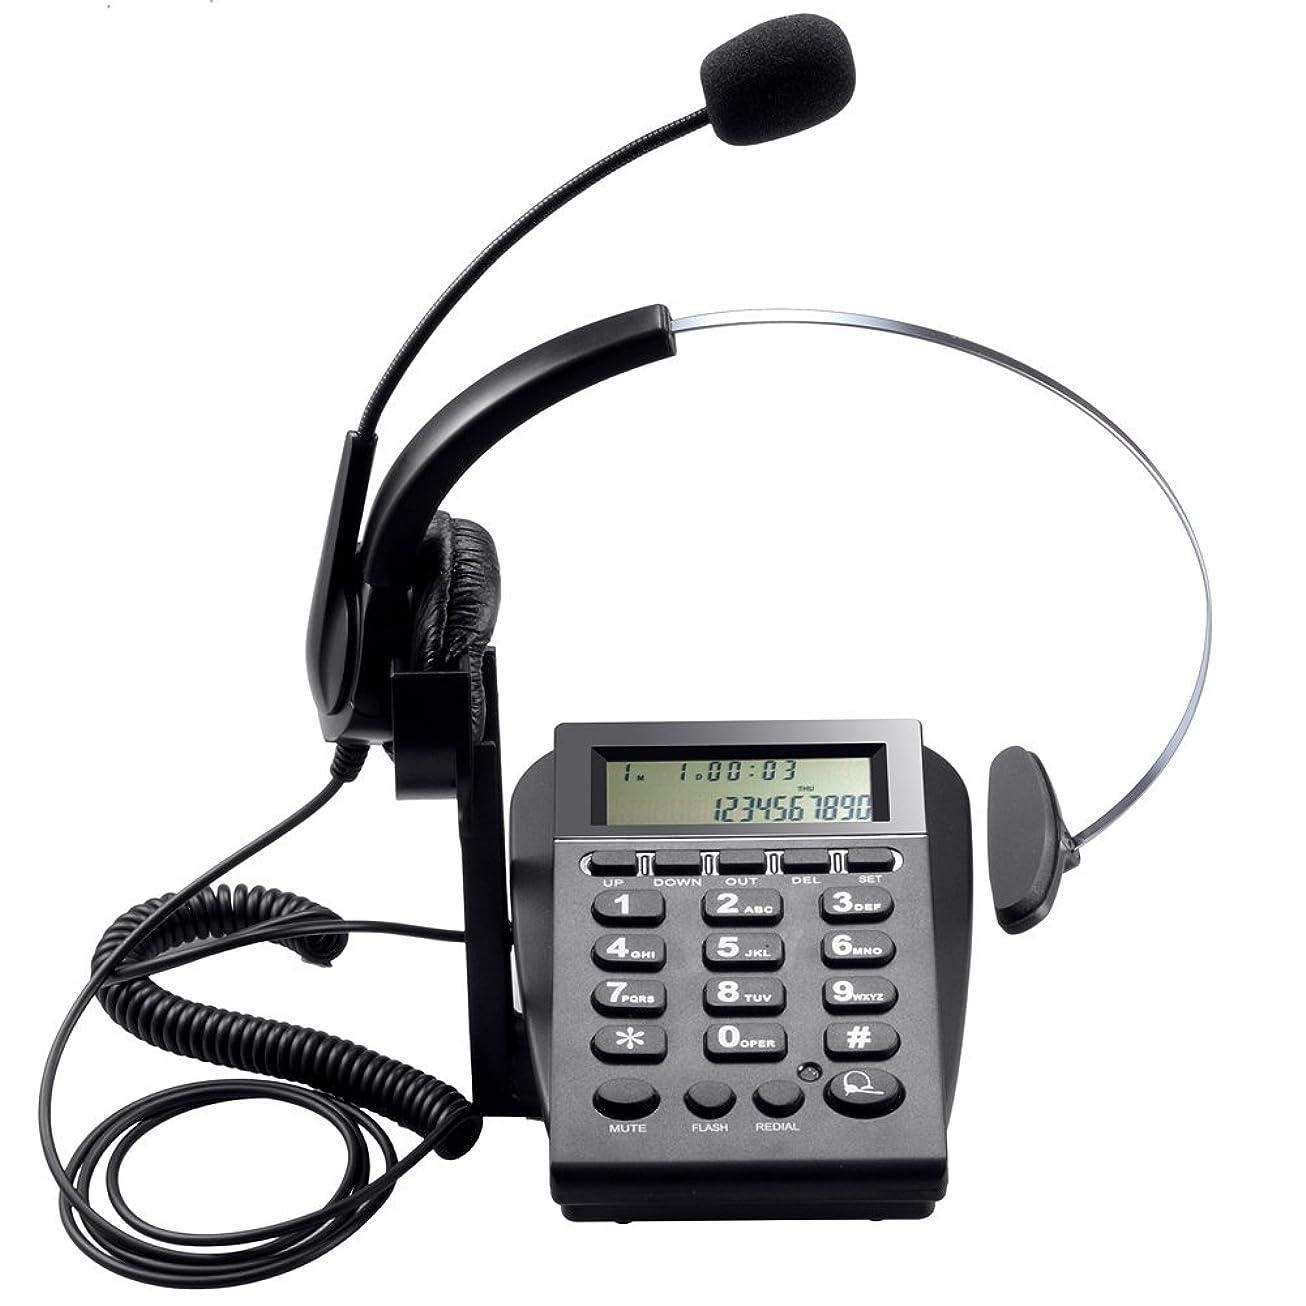 ヒューズ水分教PChero コールセンターヘッドセット ハンズフリー ビジネスコールセンター電話機 オフィス机 ビジネスコールセンター電話機 ヘッドセット付